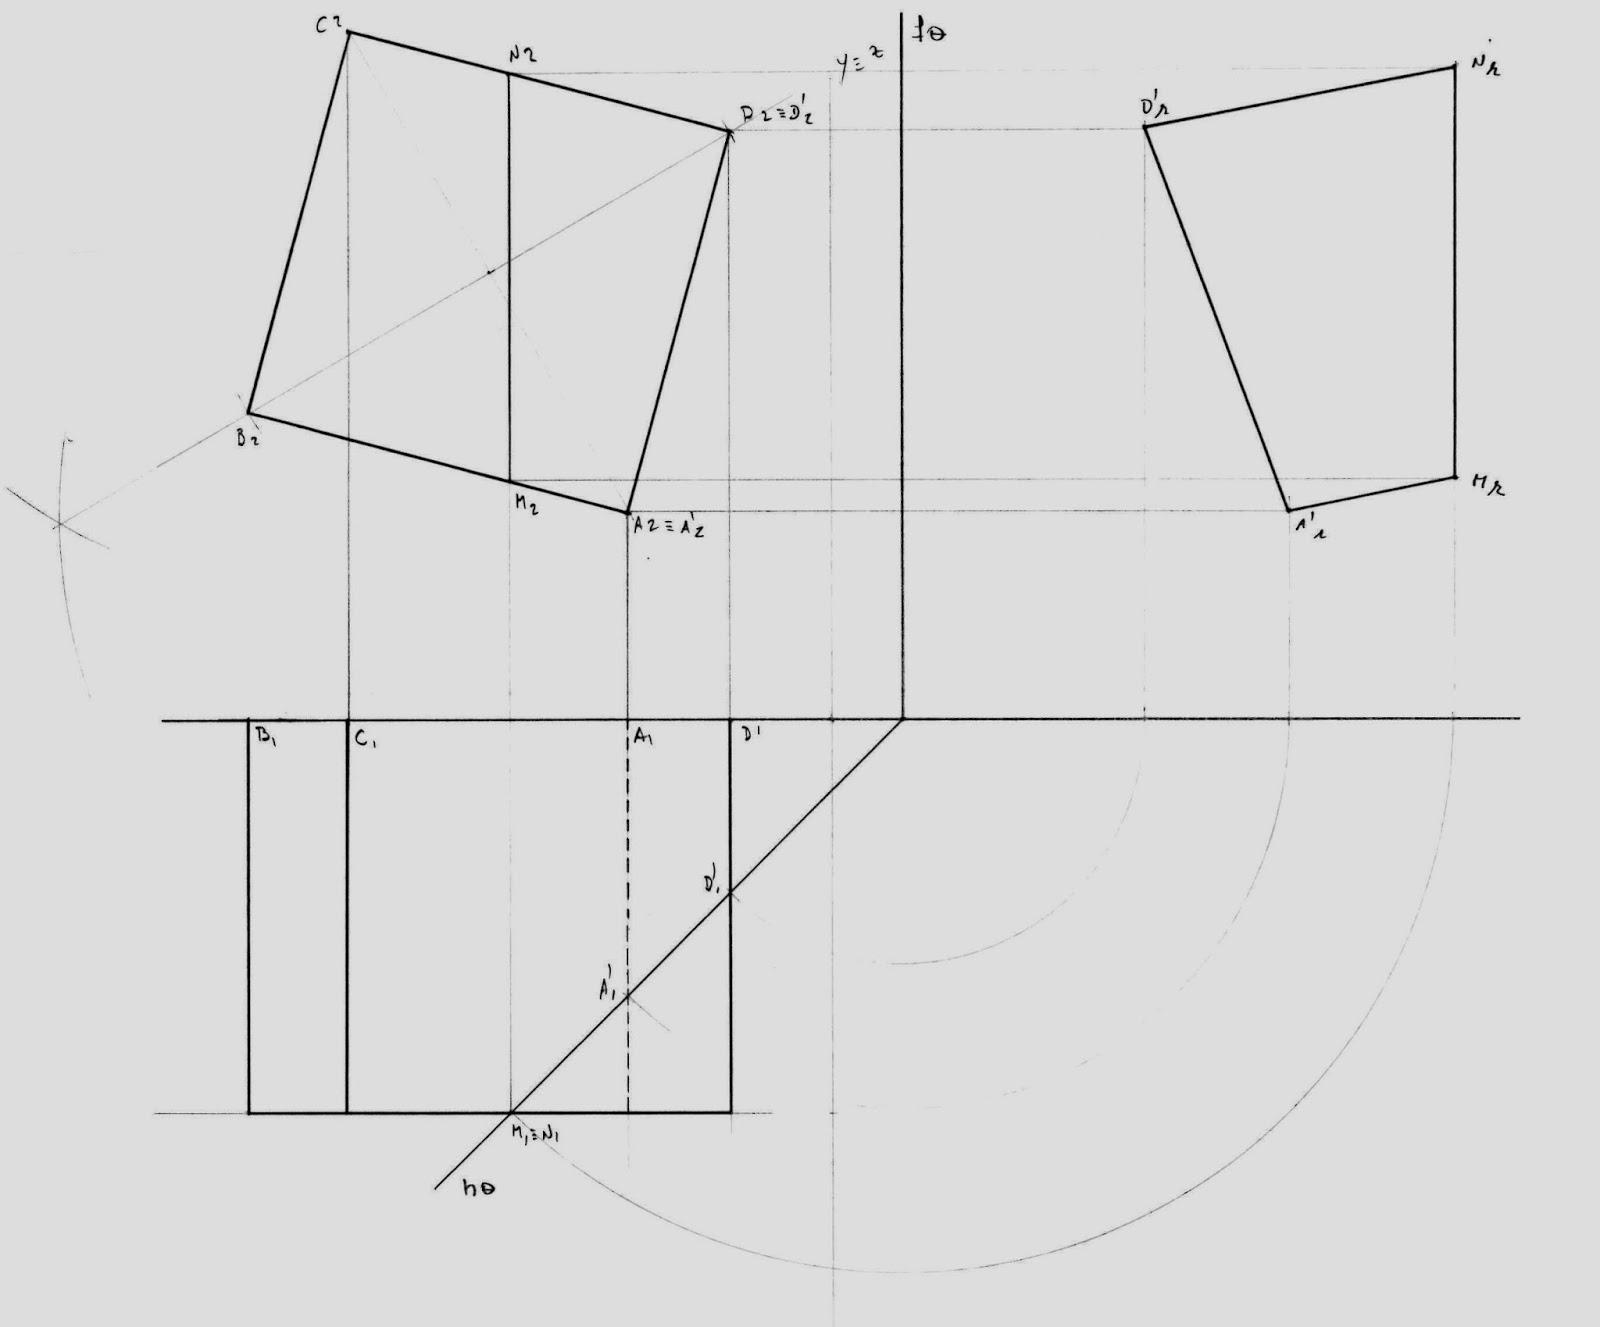 Exame Nacional Geometria Descritiva 2015 2 Q3 ( proposta de resolução )